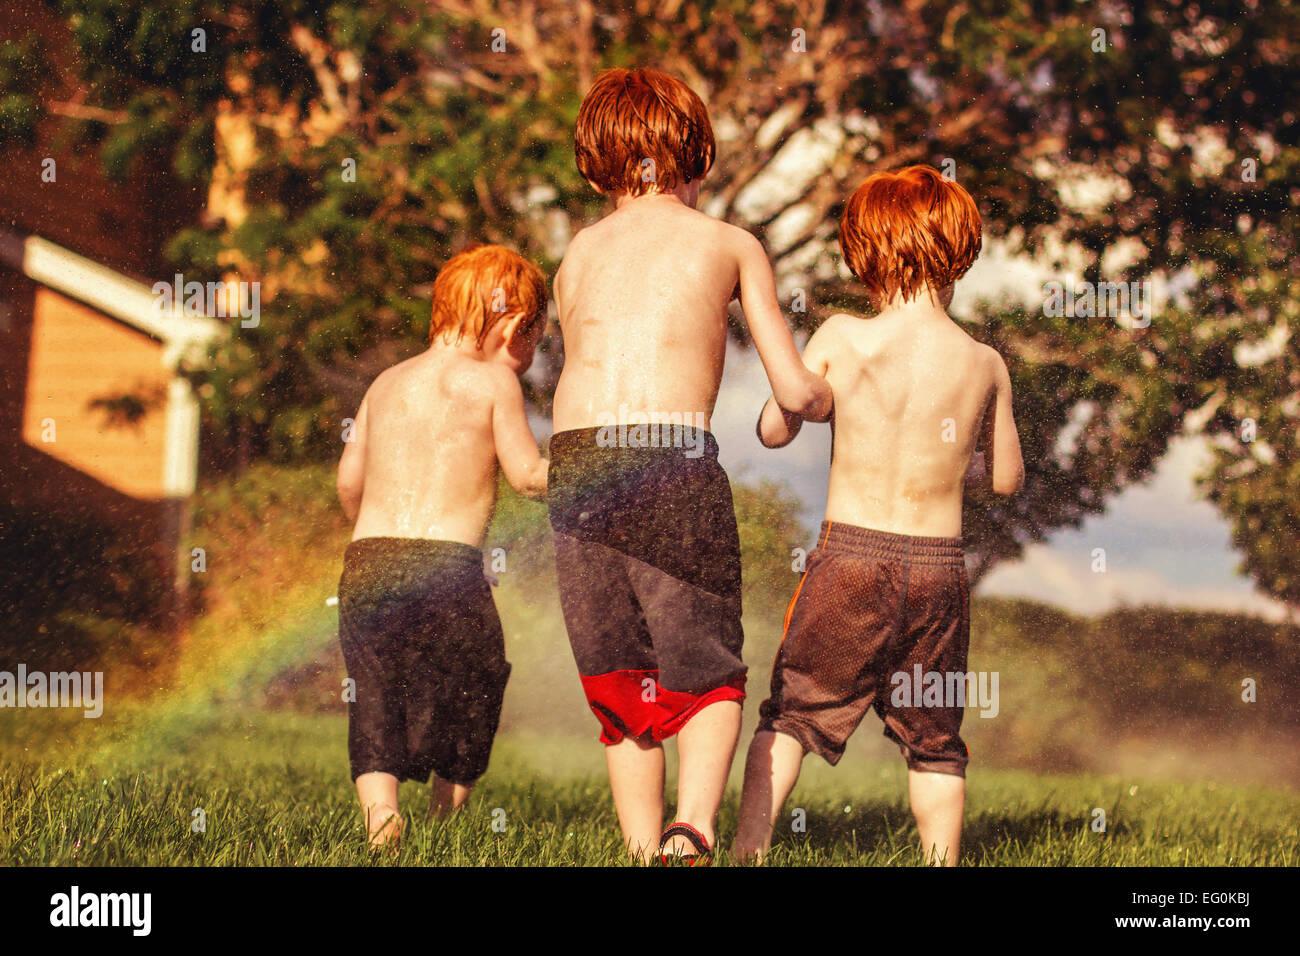 Drei junge Brüder spielen im Wasser Sprinkler Stockfoto